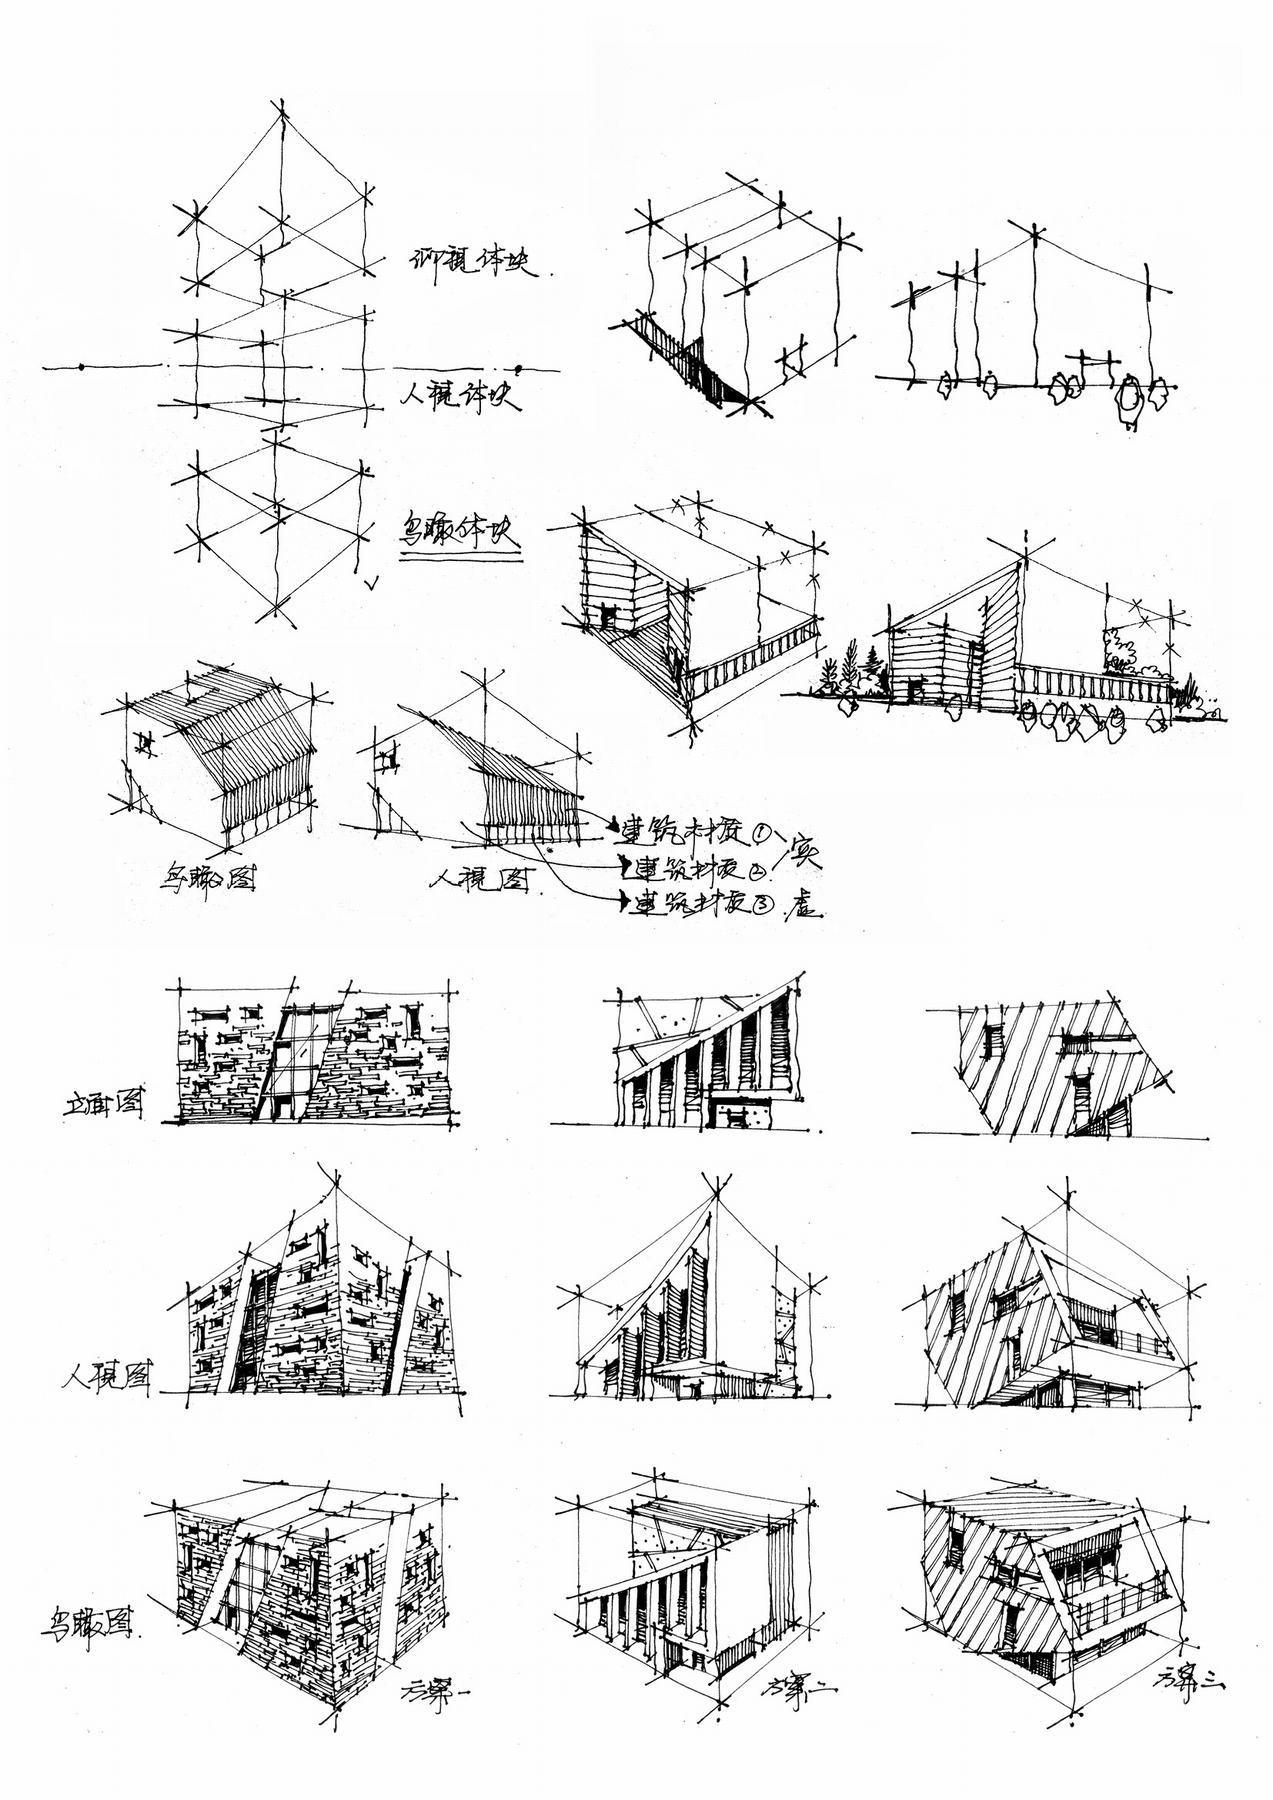 形体透视——建筑透视剖析 1)一点透视原理讲解 2)两点透视原理讲解 3